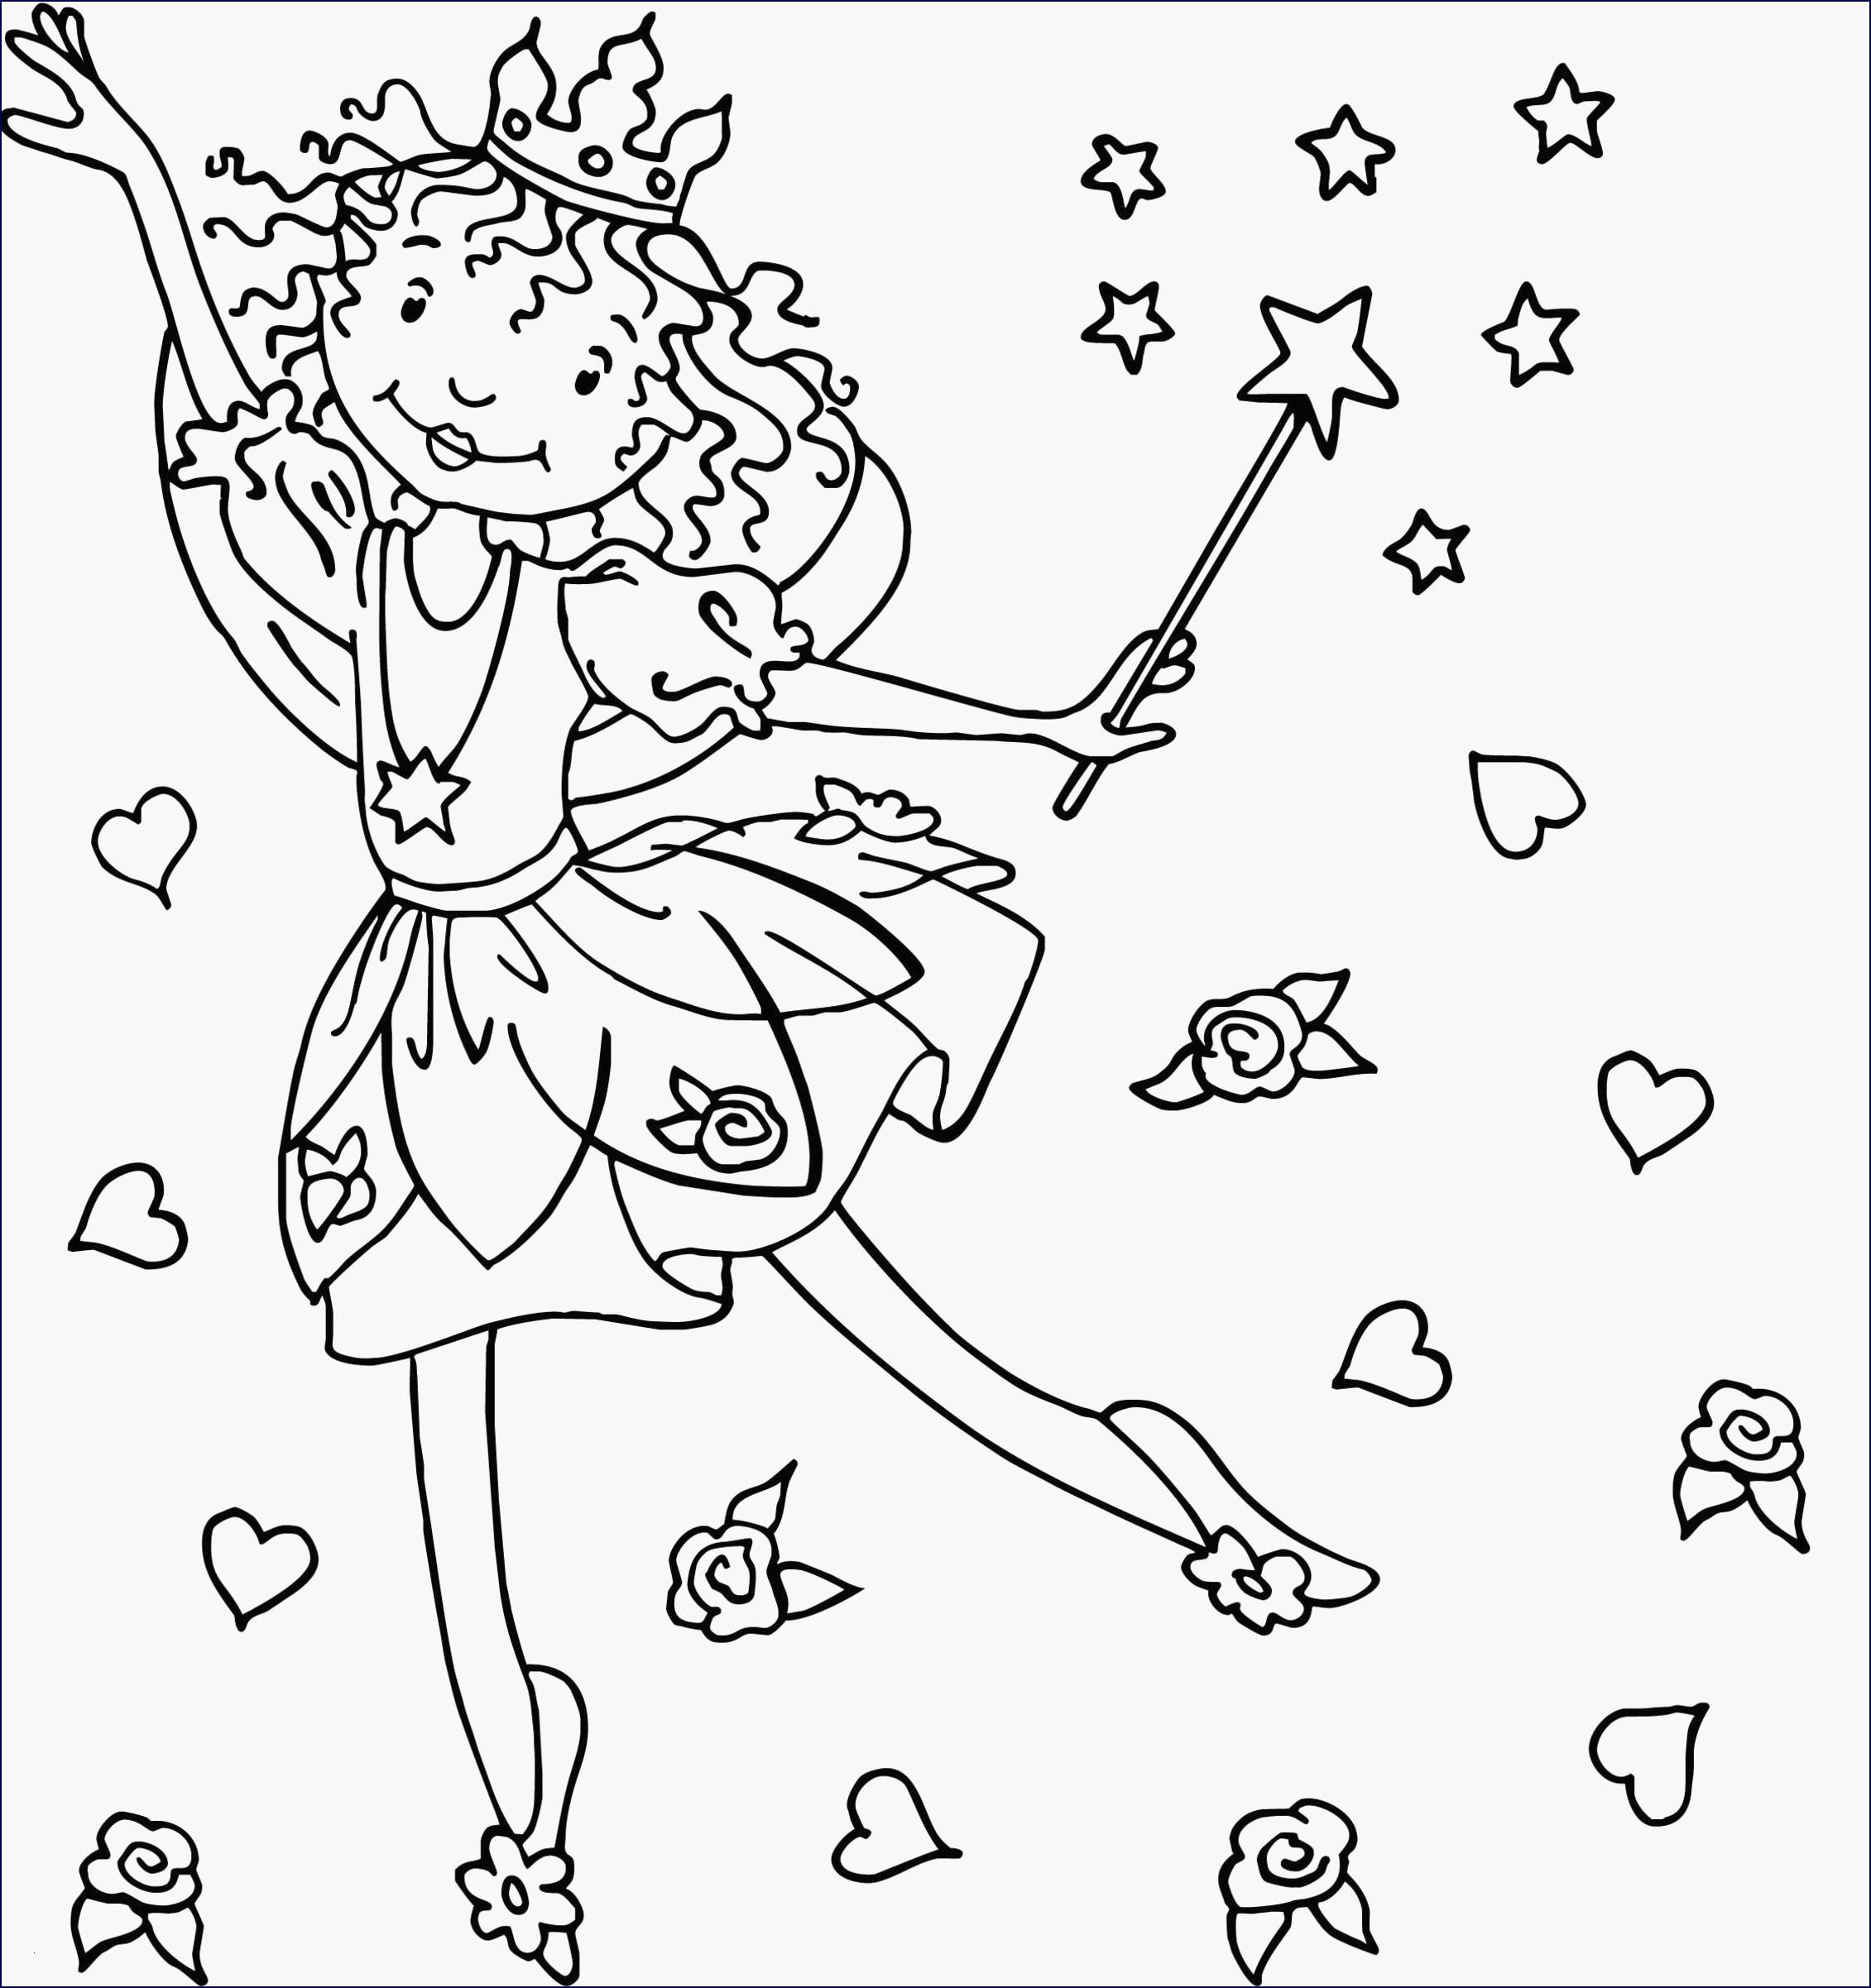 Prinzessin sofia Ausmalbilder Frisch 40 Ausmalbilder Prinzessin Elsa Scoredatscore Luxus sofia Die Erste Sammlung